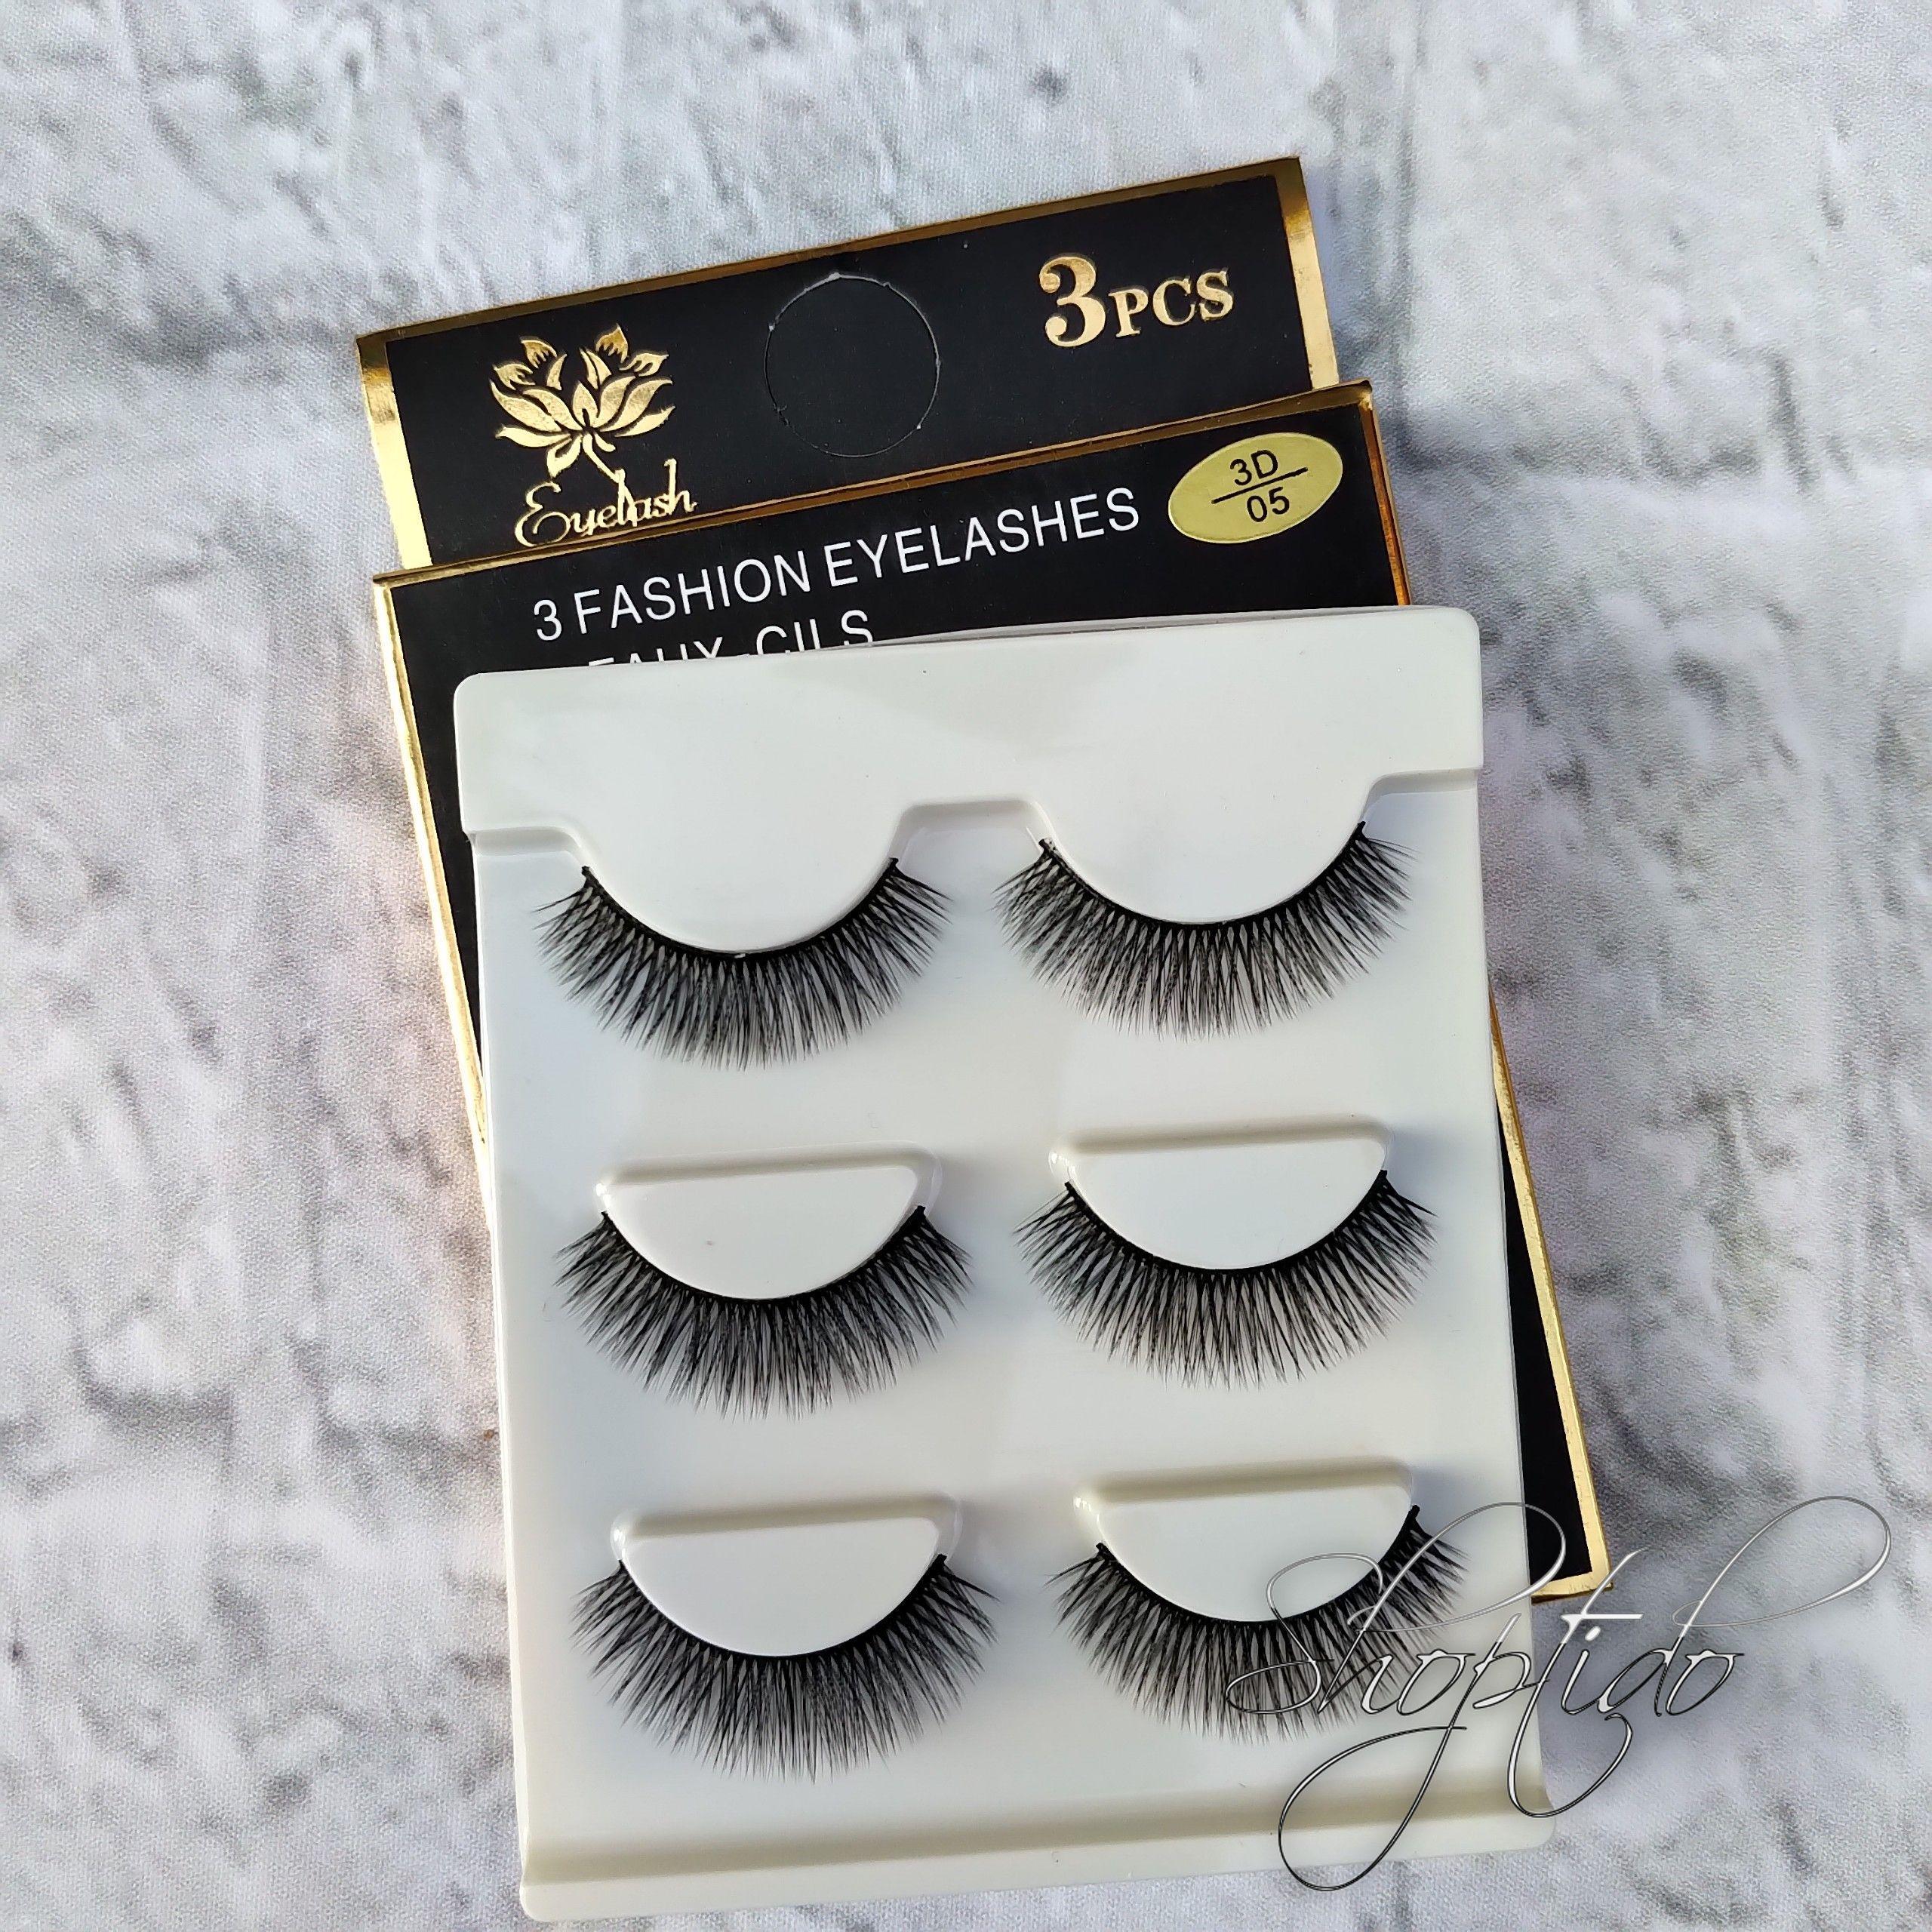 [Có Nhiều Mẫu] Lông mi giả Lông Chồn 3D 3PCS 3 Fashion Eyelashes 3 Faux-Cils ( bộ 3 Cặp ), mi chồn